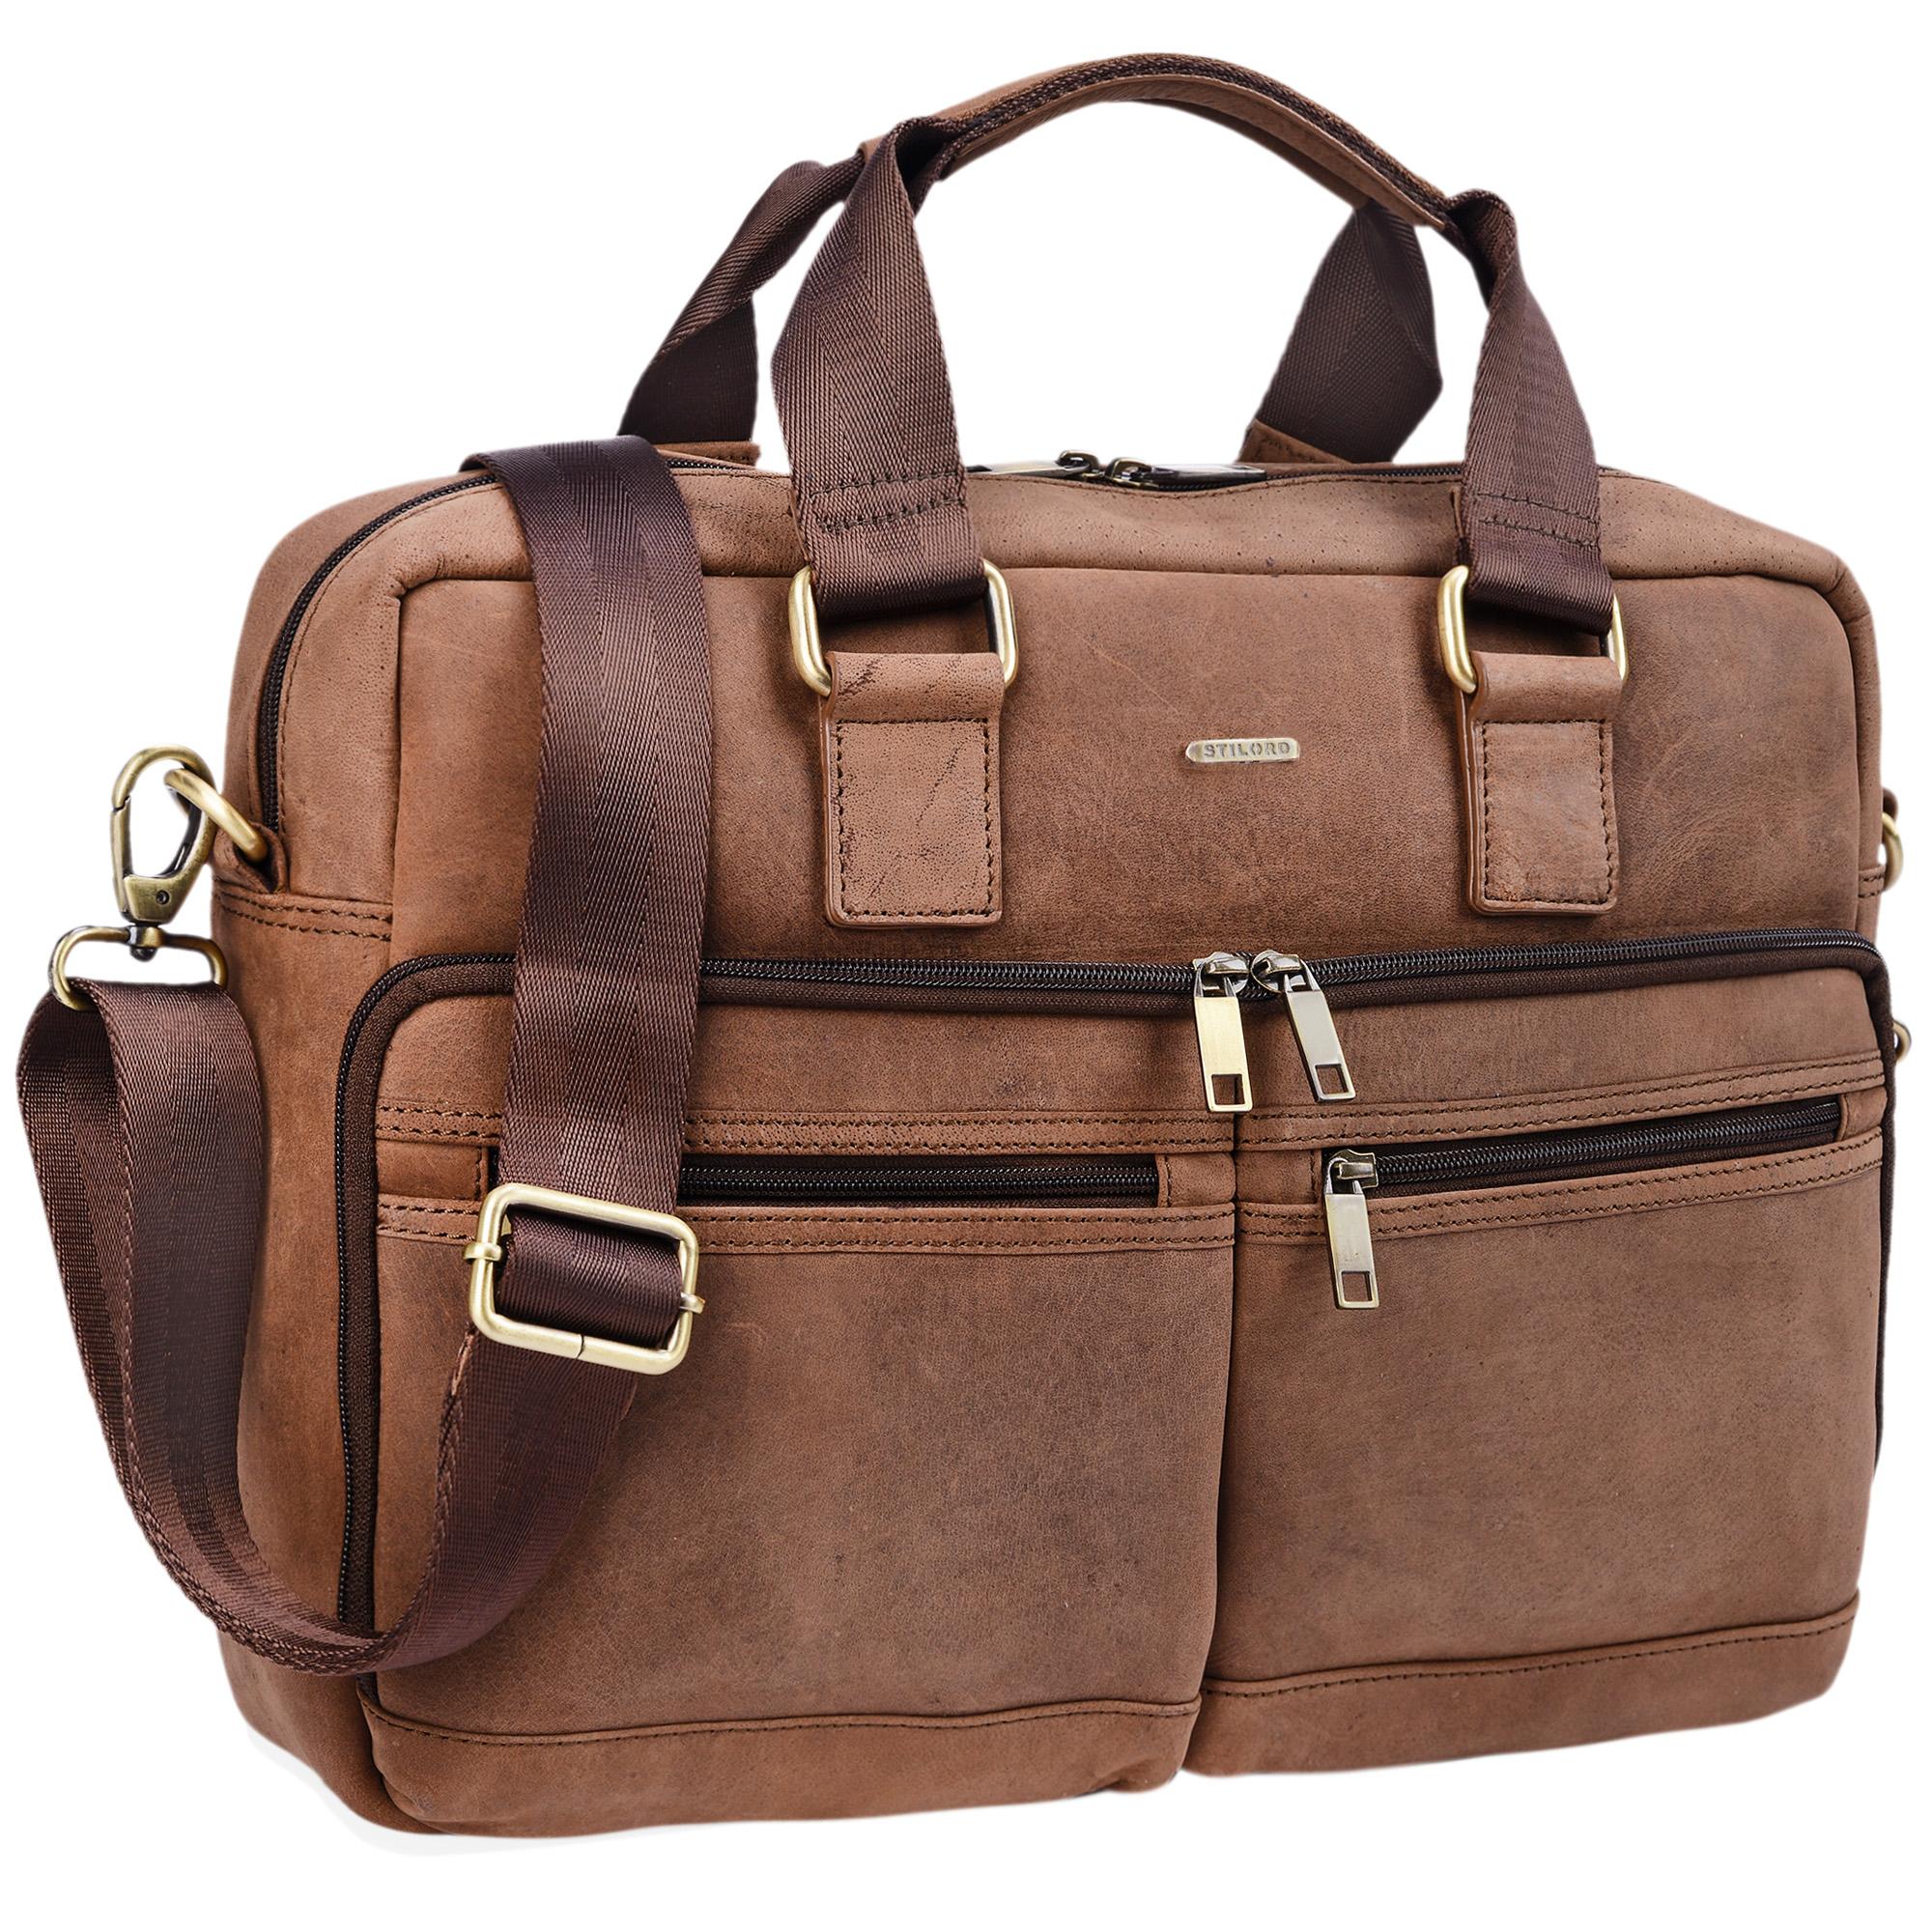 """STILORD """"Vito"""" Vintage Businesstasche Leder Herren Damen 14 Zoll Laptoptasche Umhängetasche Aktentasche Arbeitstasche Rindsleder - Bild 2"""